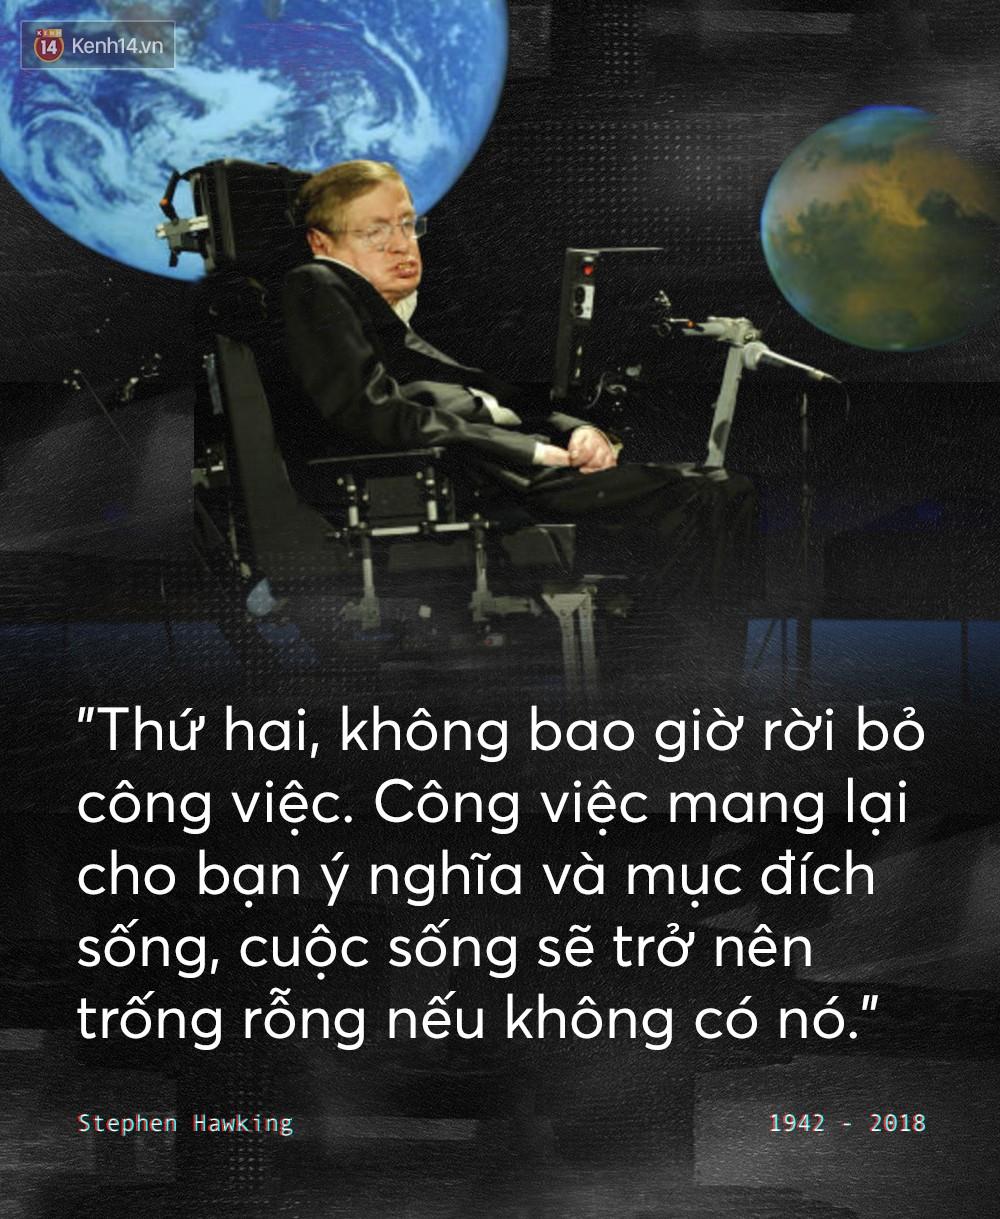 Những câu nói để đời của Stephen Hawking: Từ suy nghĩ giản đơn về cuộc đời cho tới triết lý mang tầm vũ trụ - Ảnh 2.